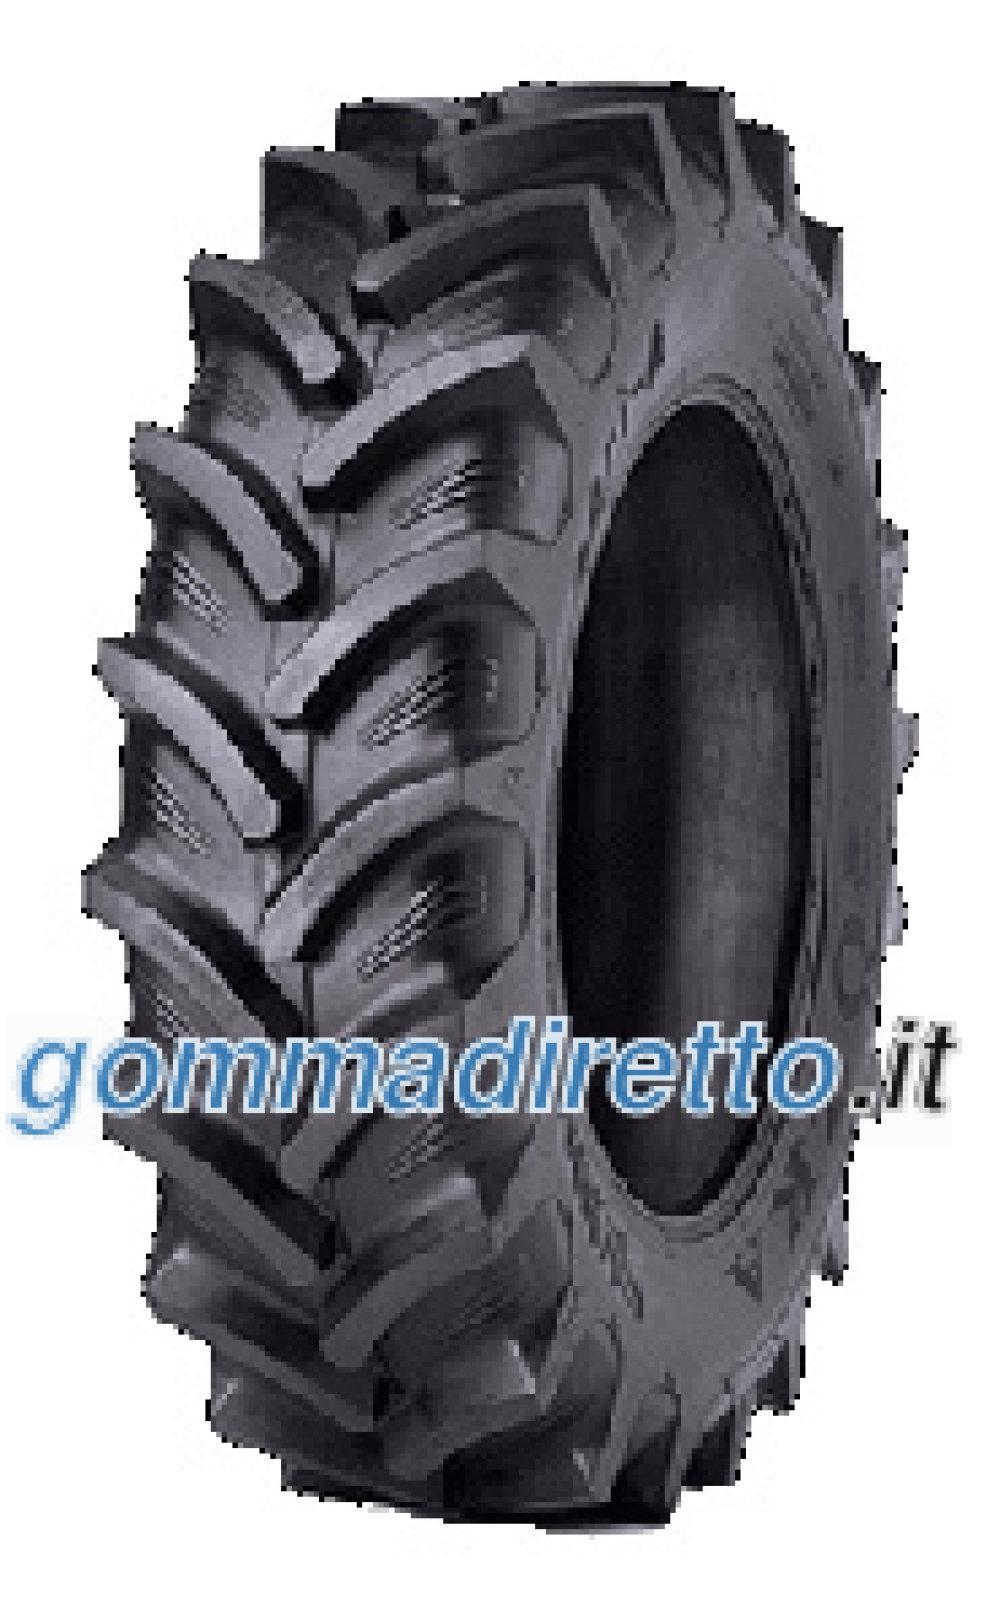 Image of Ozka Agro 10 Traction ( 280/70 R16 112A8 TL doppia indentificazione 112B )